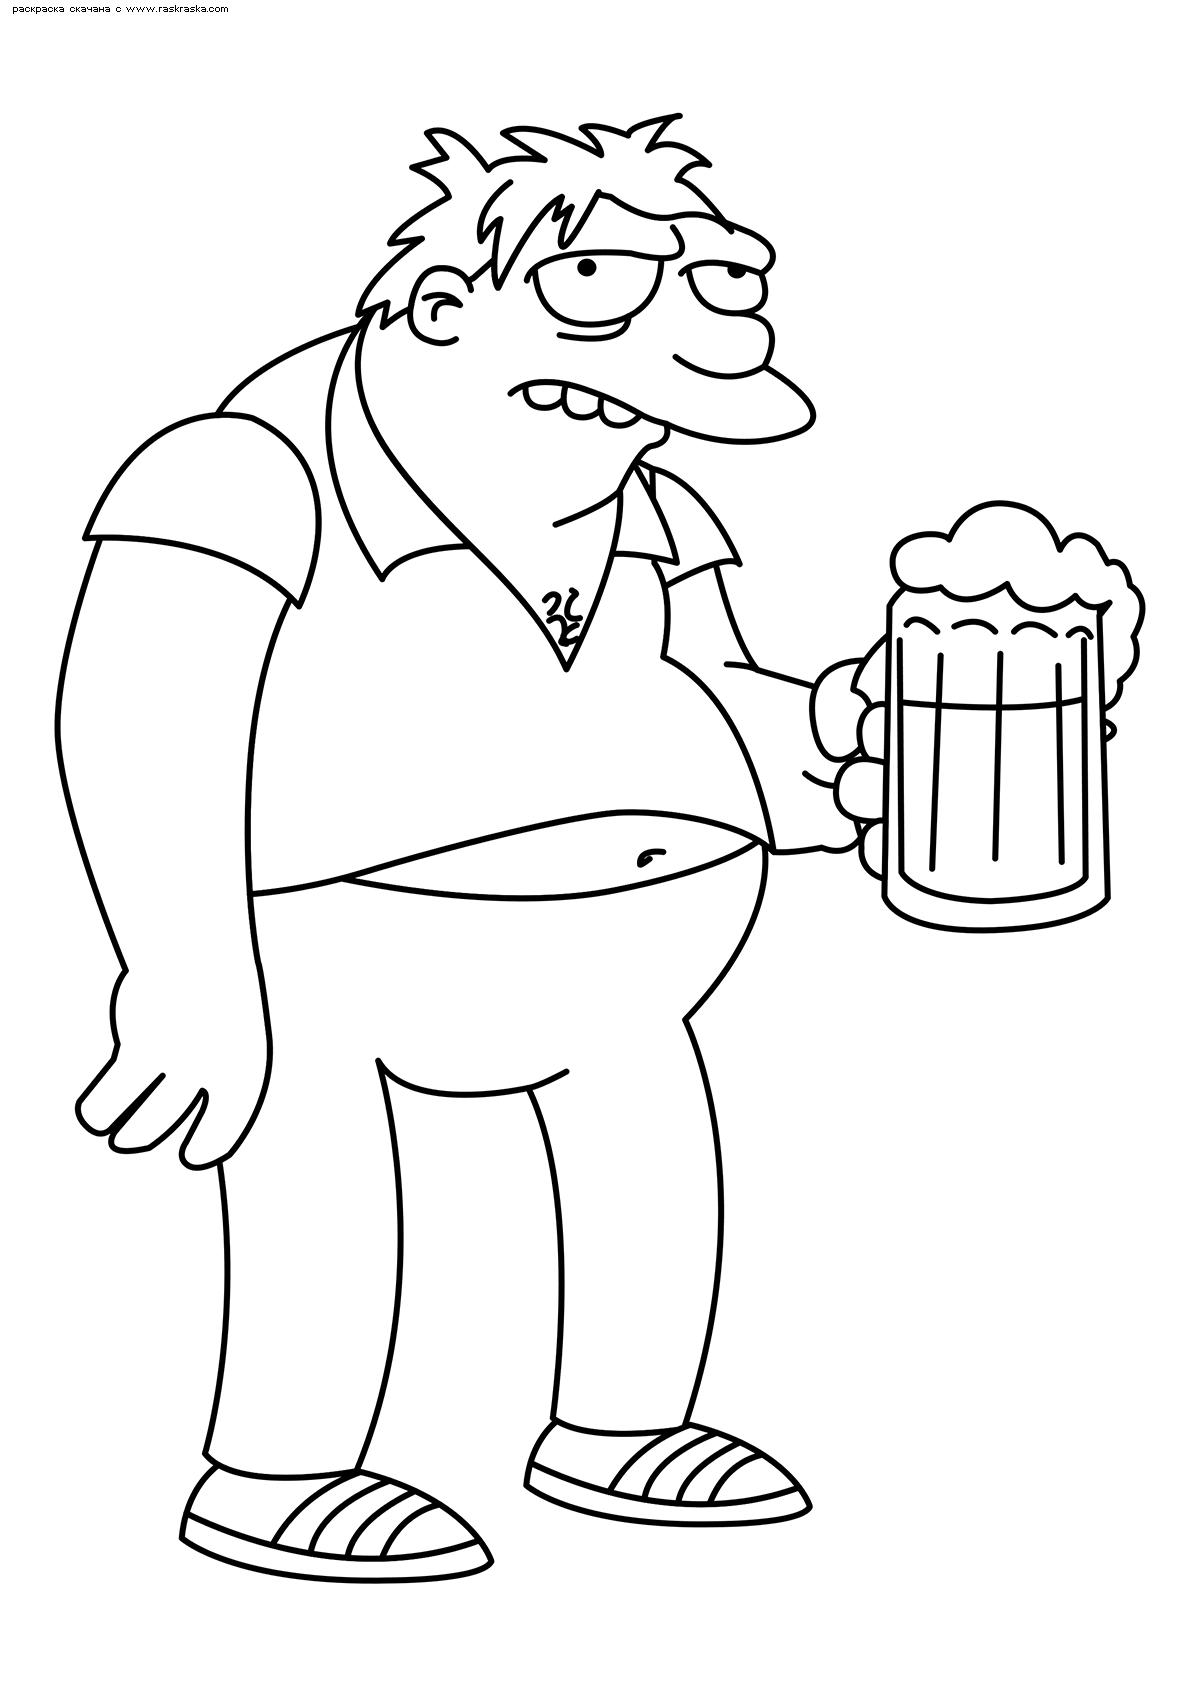 Раскраска Спрингфилдский пьяница Барни Гамбл. Раскраска Симпсоны, пиво